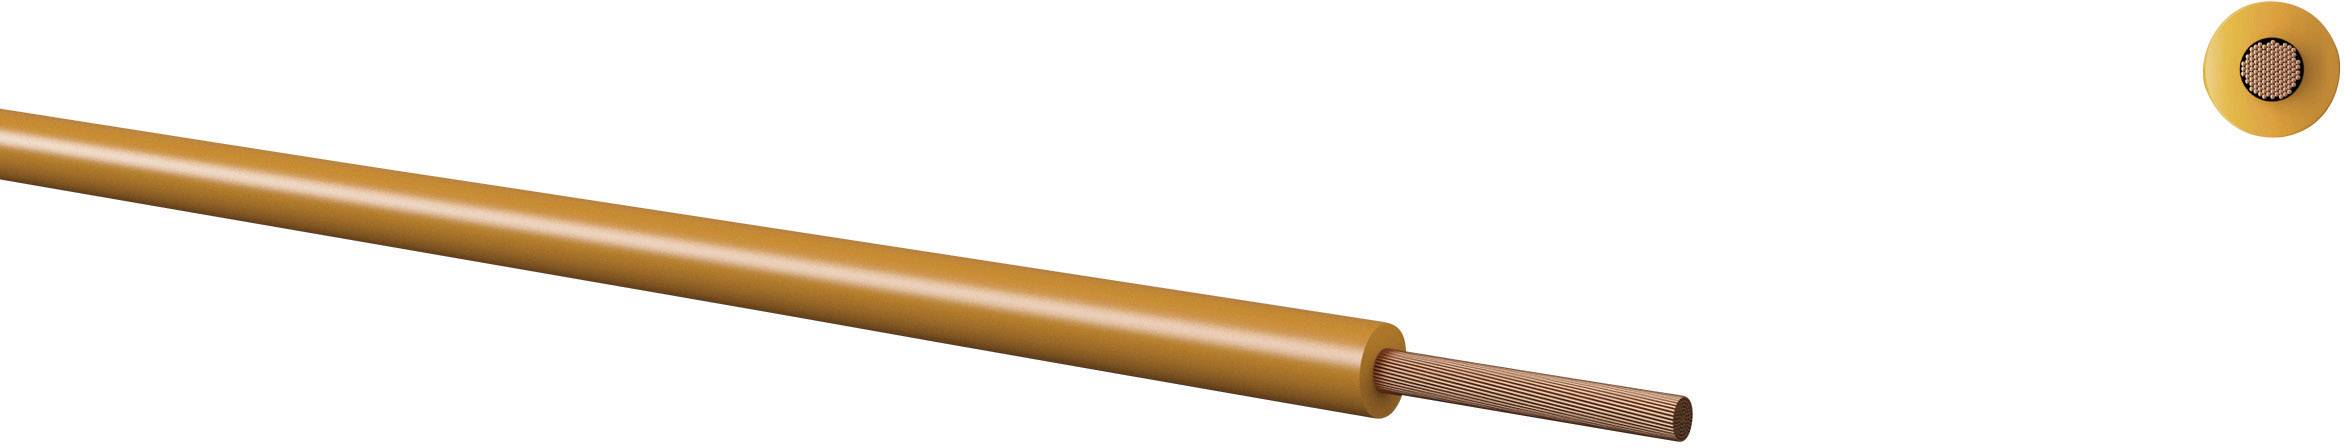 Opletenie / lanko Kabeltronik 160102501 LiFY, 1 x 0.25 mm², vonkajší Ø 1.40 mm, metrový tovar, biela